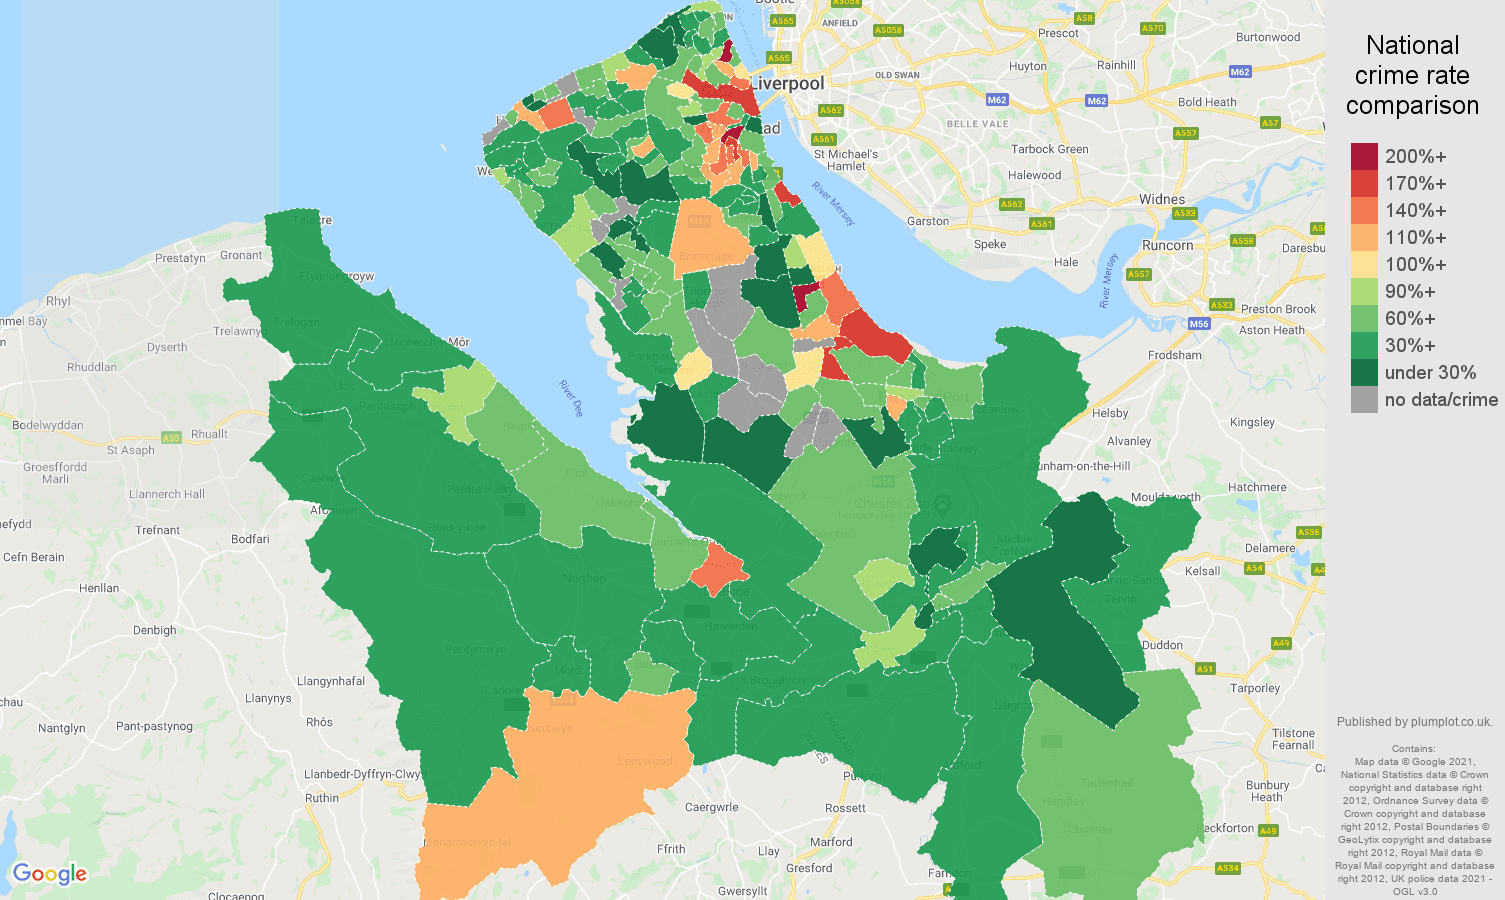 Chester burglary crime rate comparison map